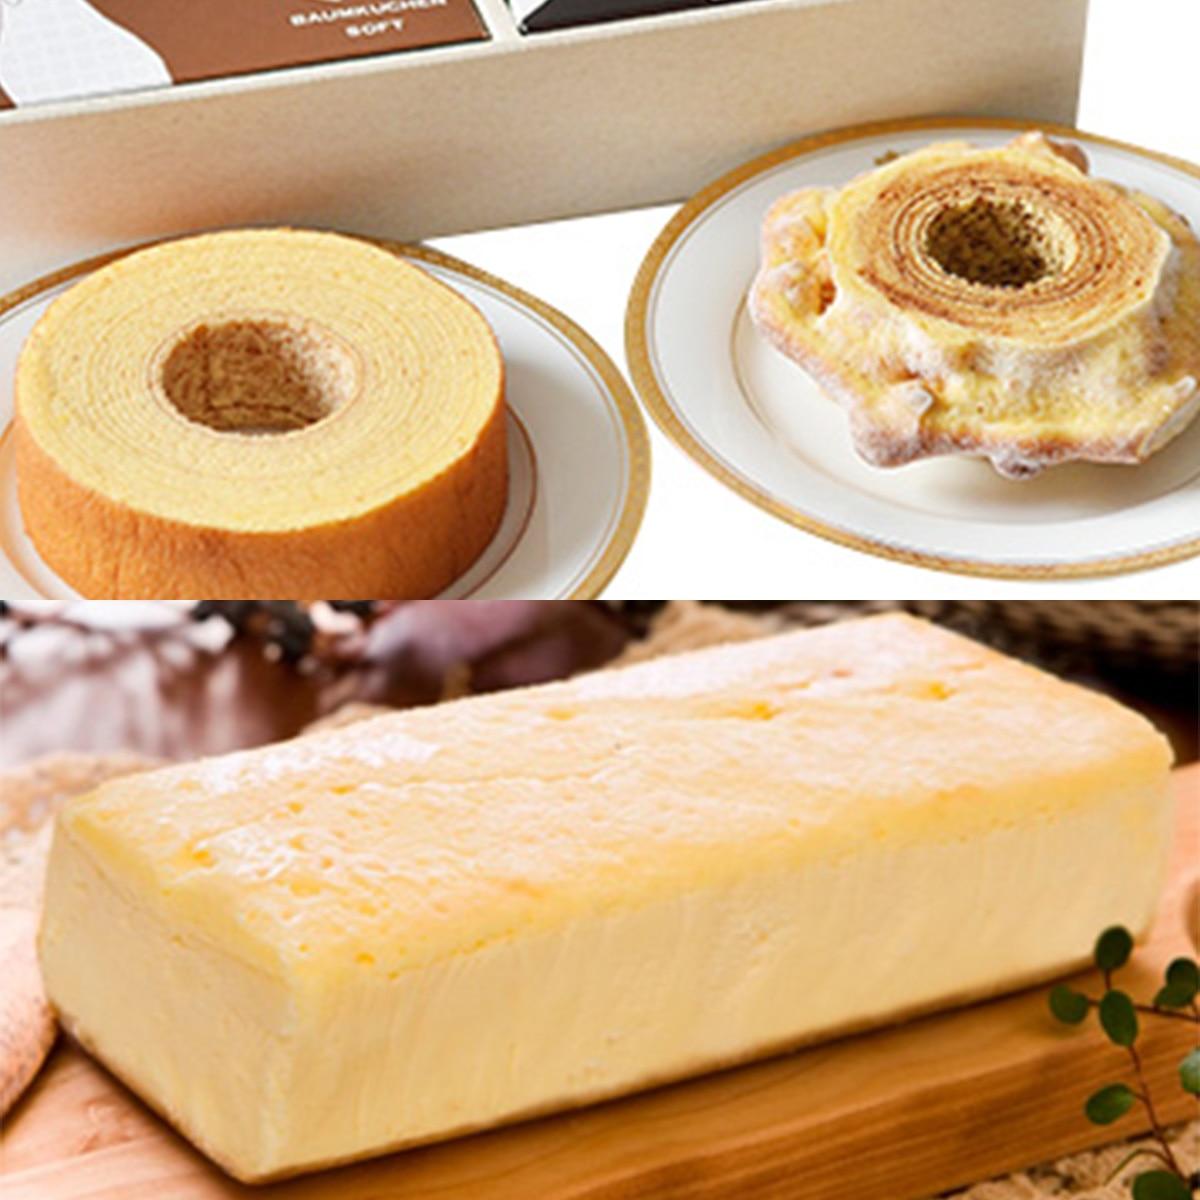 【送料無料】贅沢チーズケーキ バウムクーヘンセット セット